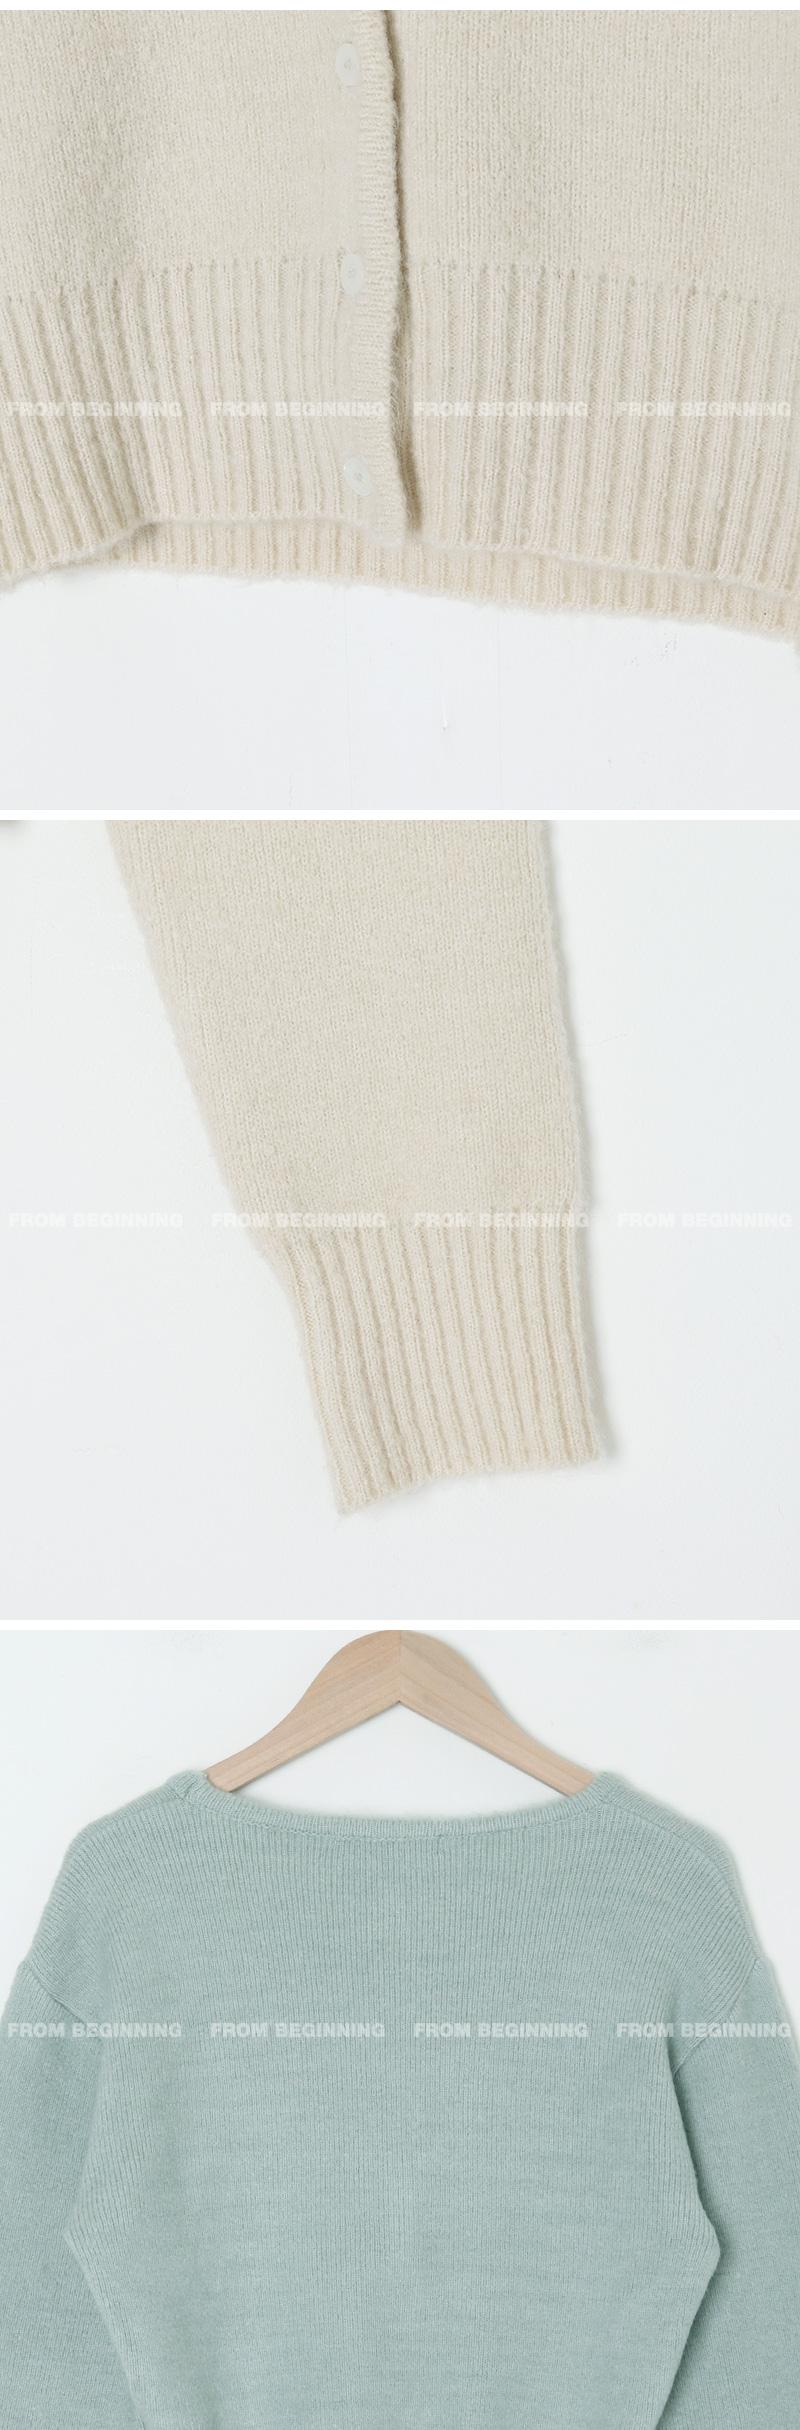 Cozy V-Neck Crop Knitwear Cardigan